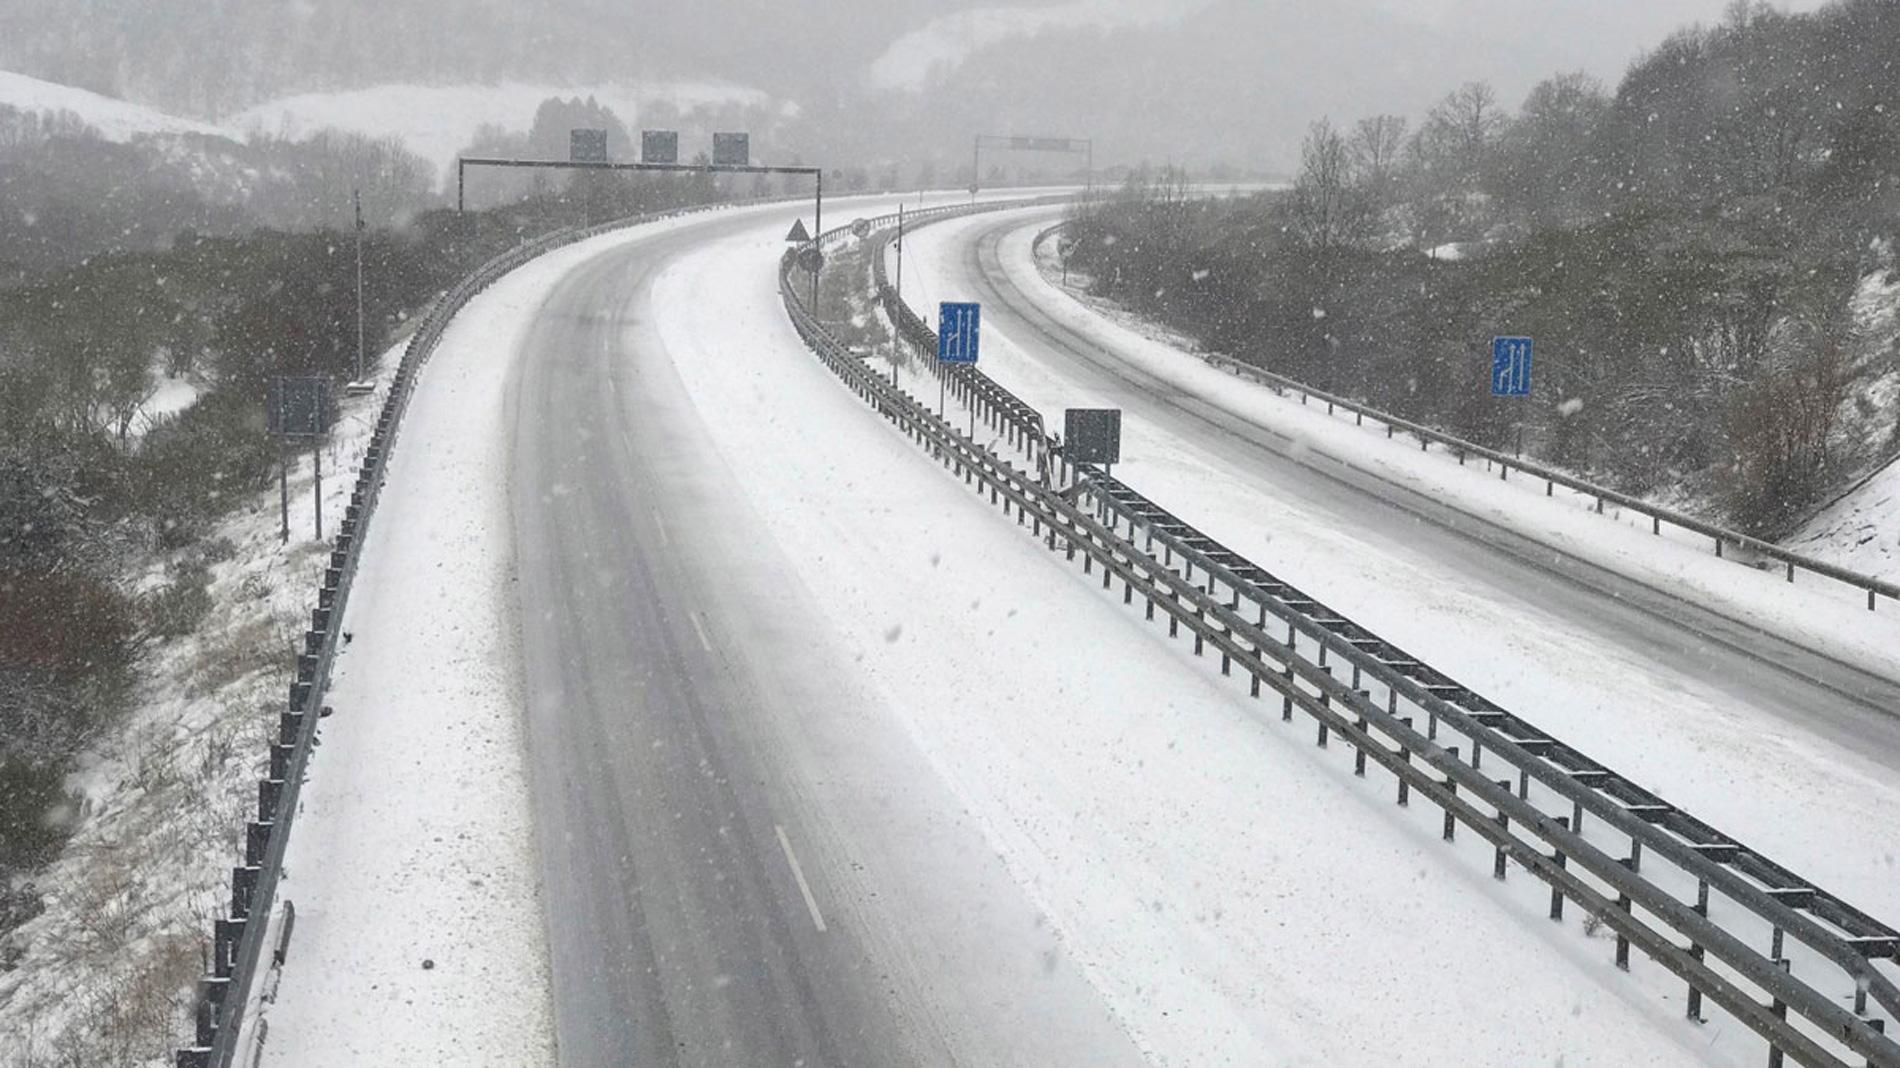 Previsión de nieve en las carreteras de la mitad norte e interior de España